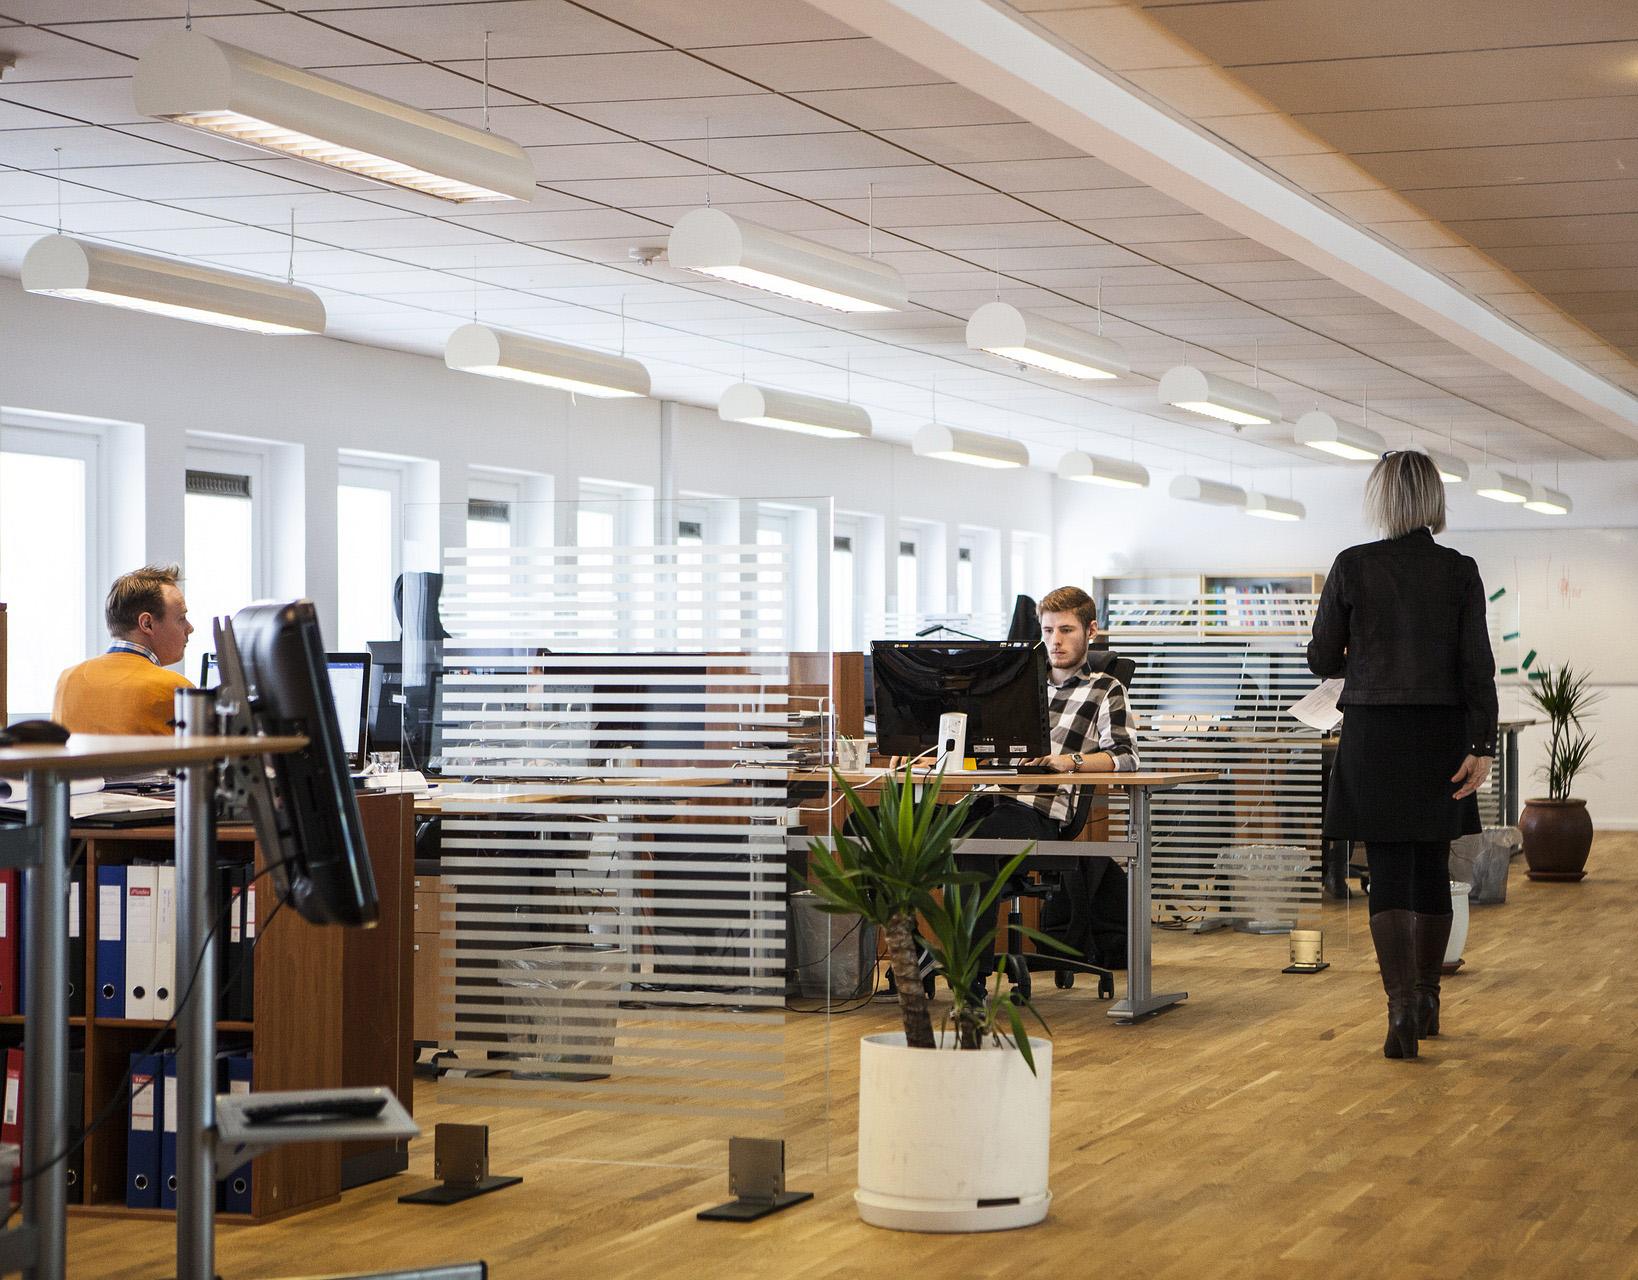 Académie franco-allemande pour l'industrie du futur